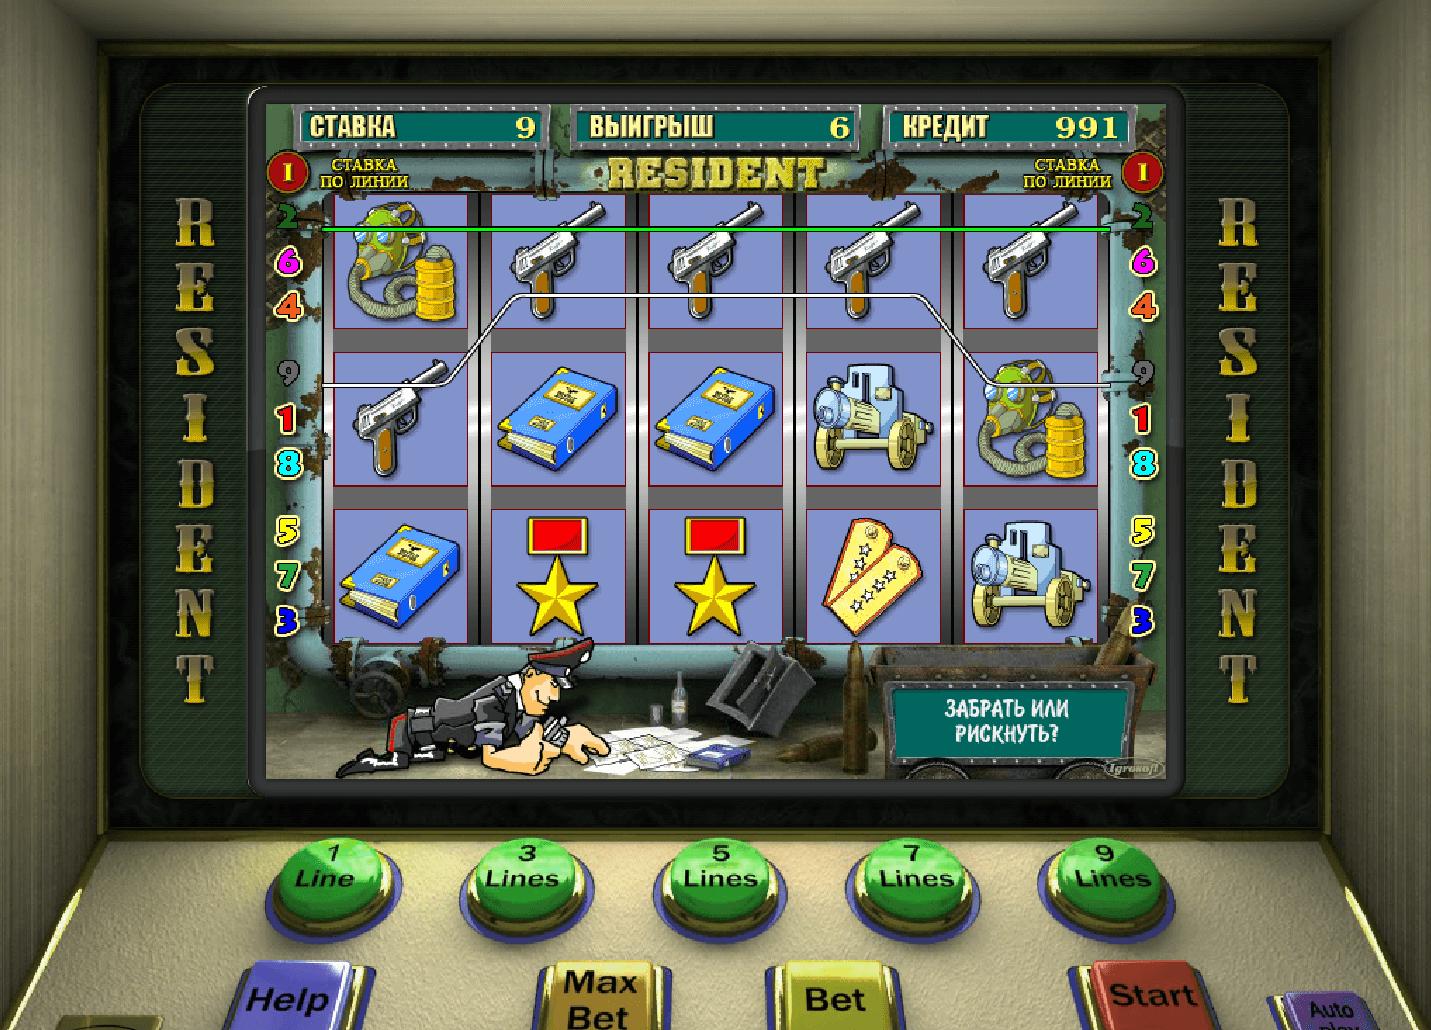 Бесплатные и без регистрации игровые автоматы алладин игровые автоматы apk скачать